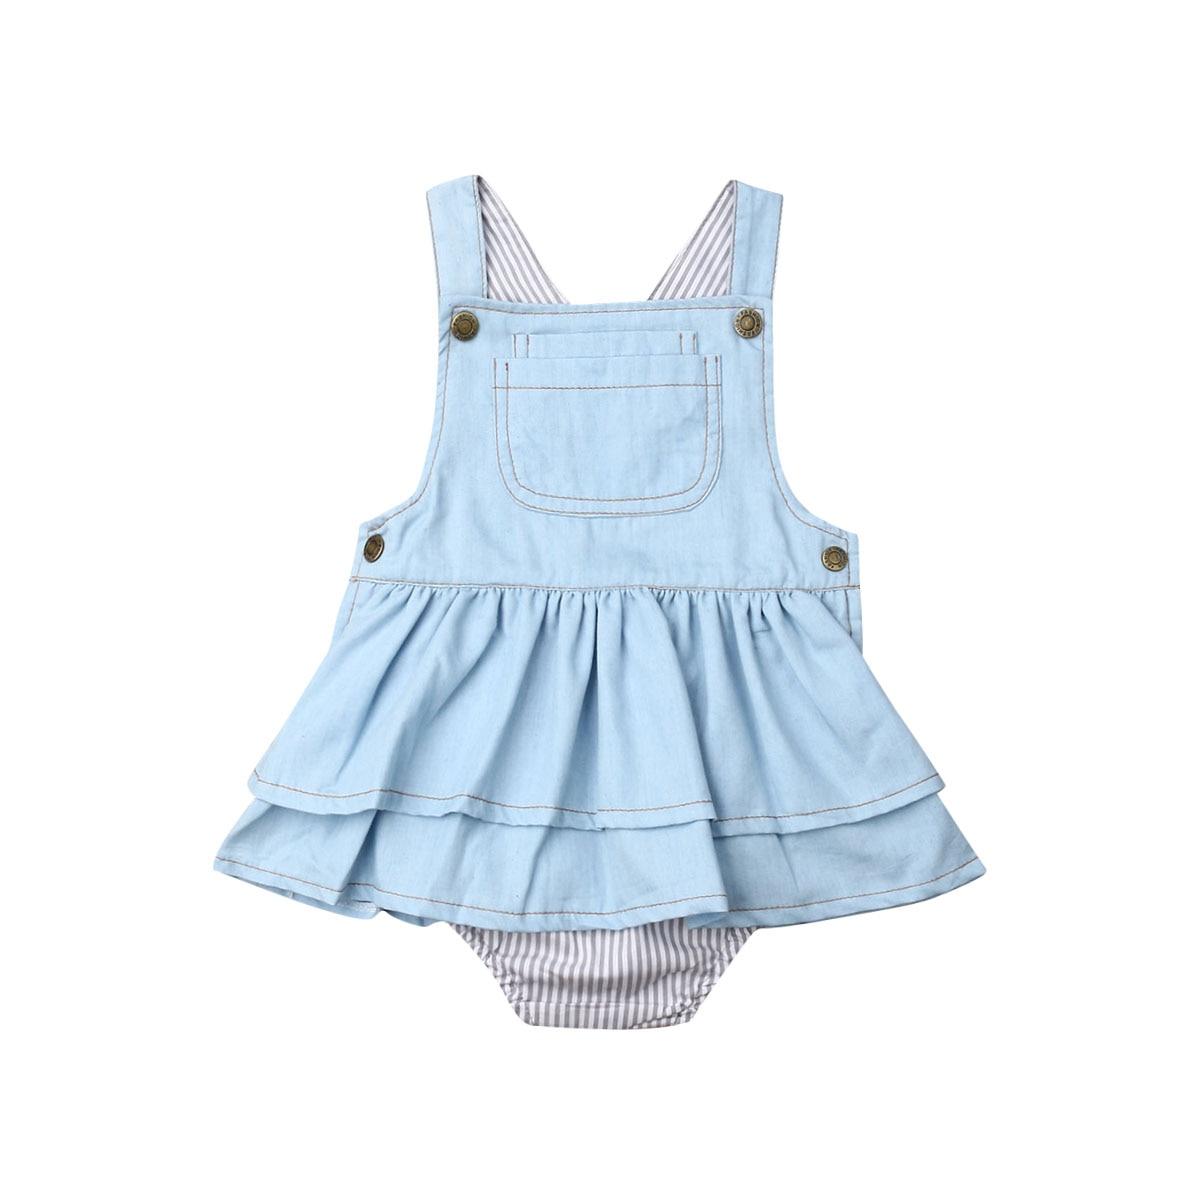 Niños bebé niña sin mangas Mono vaquero tutú en capas vestido de una pieza Infante ropa de verano 6 M-4 T